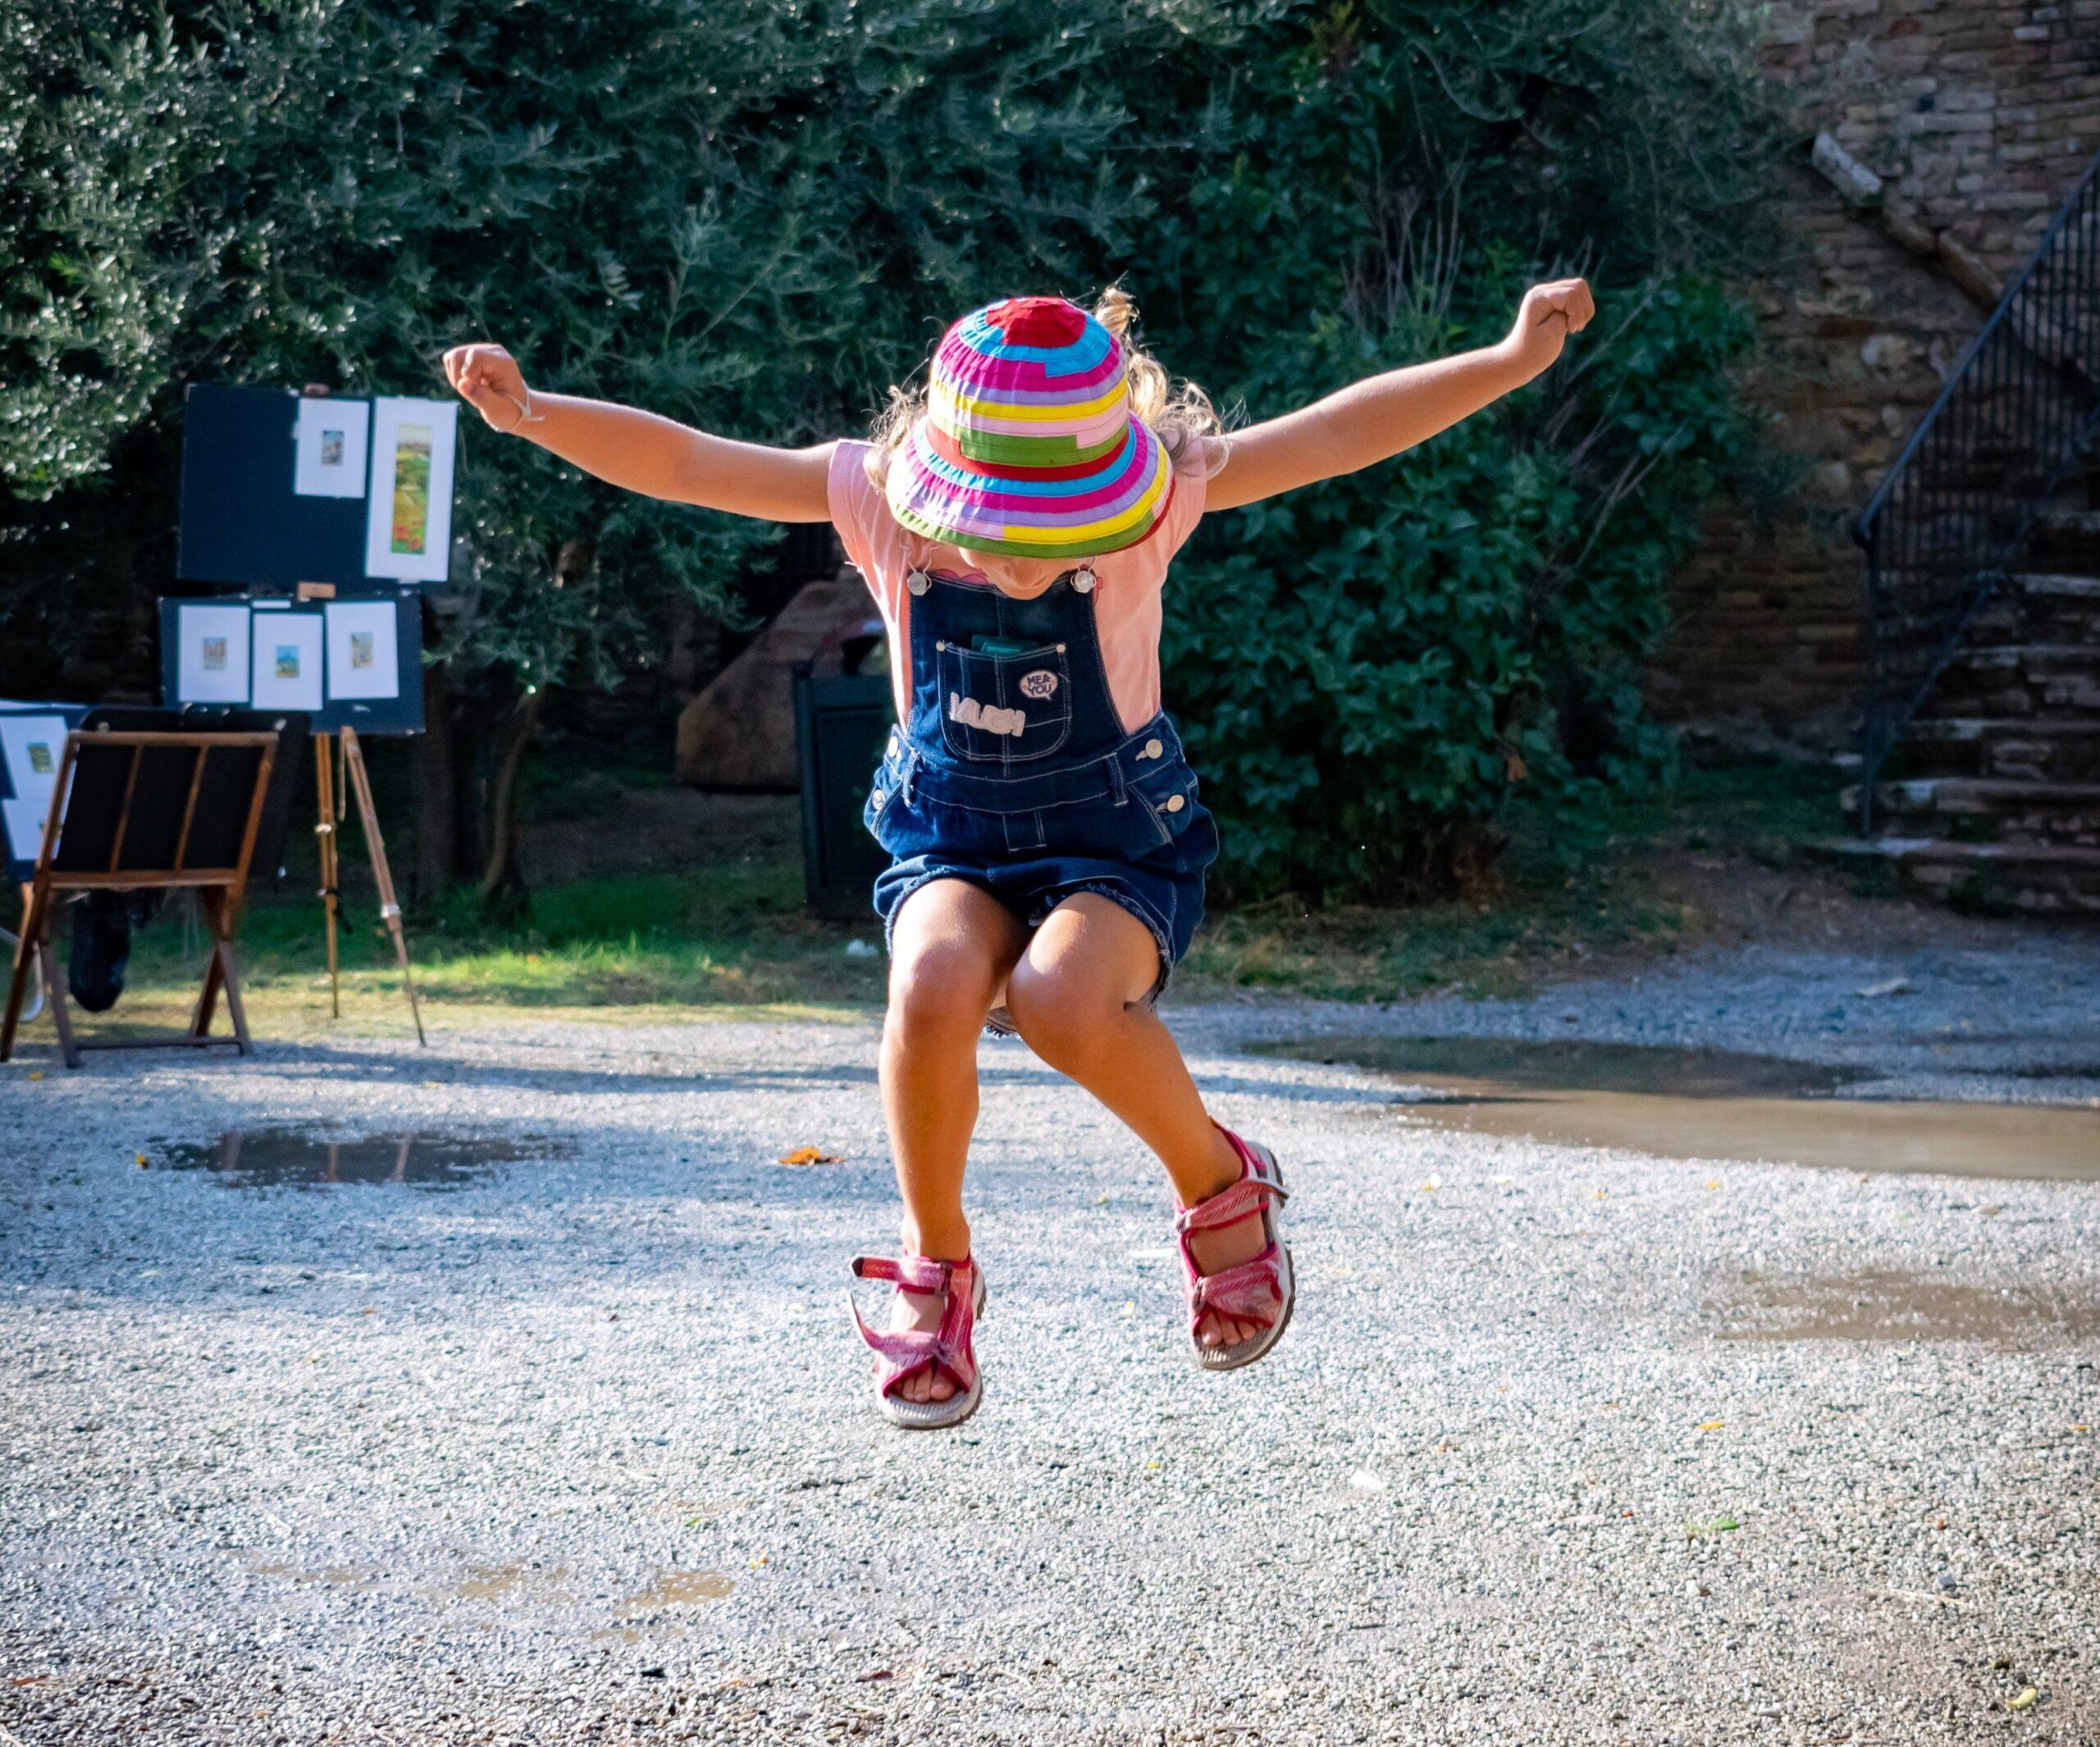 Mergaitė, pašokusi į orą